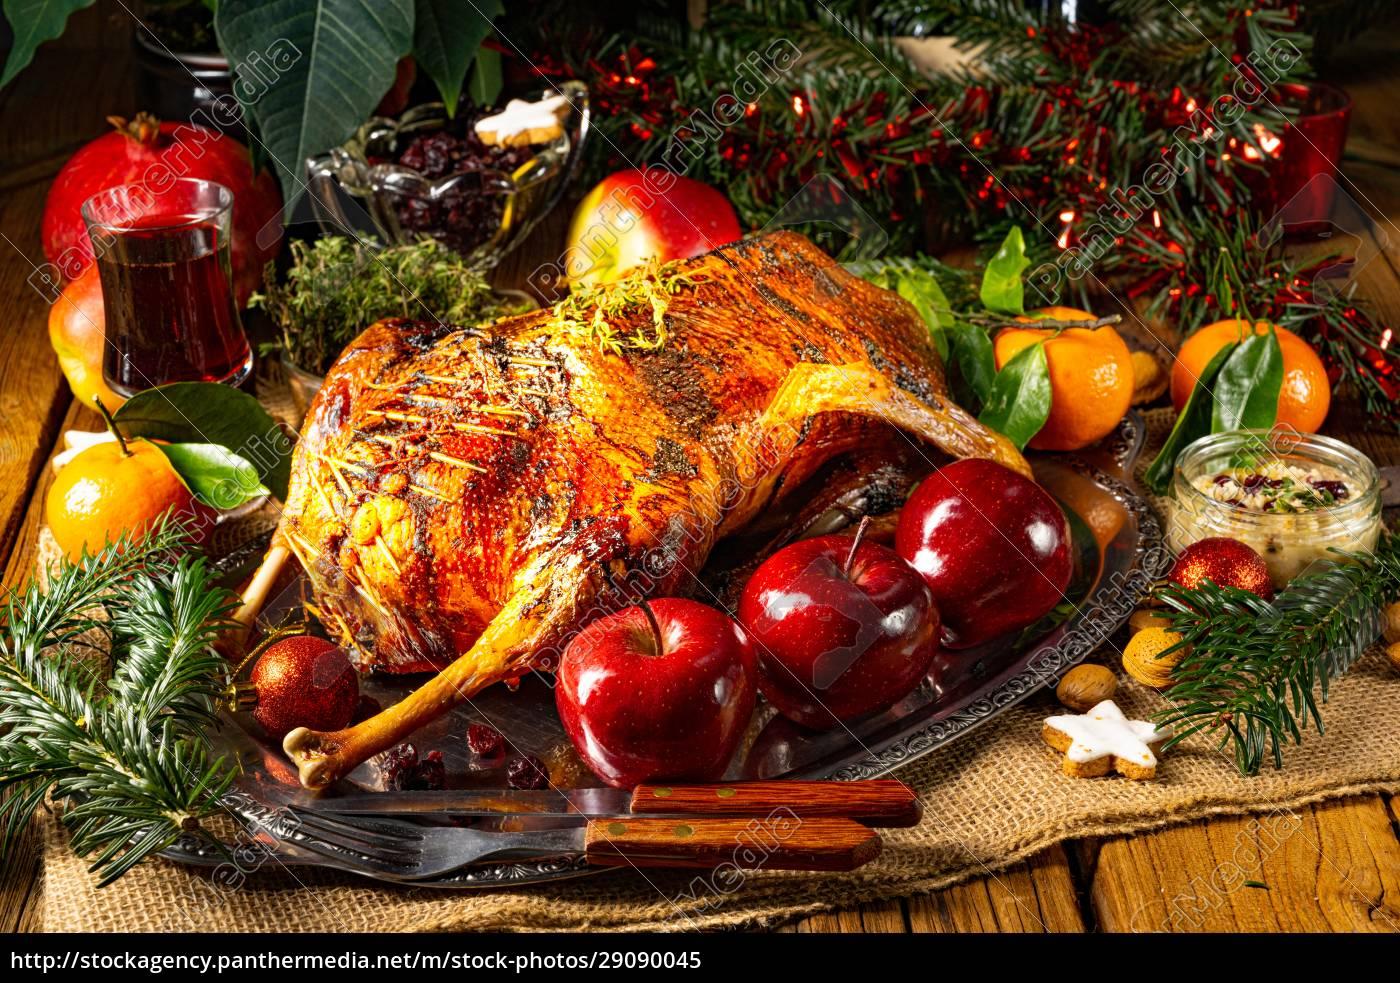 zarte, &, saftige, weihnachtsgans, mit, knuspriger - 29090045